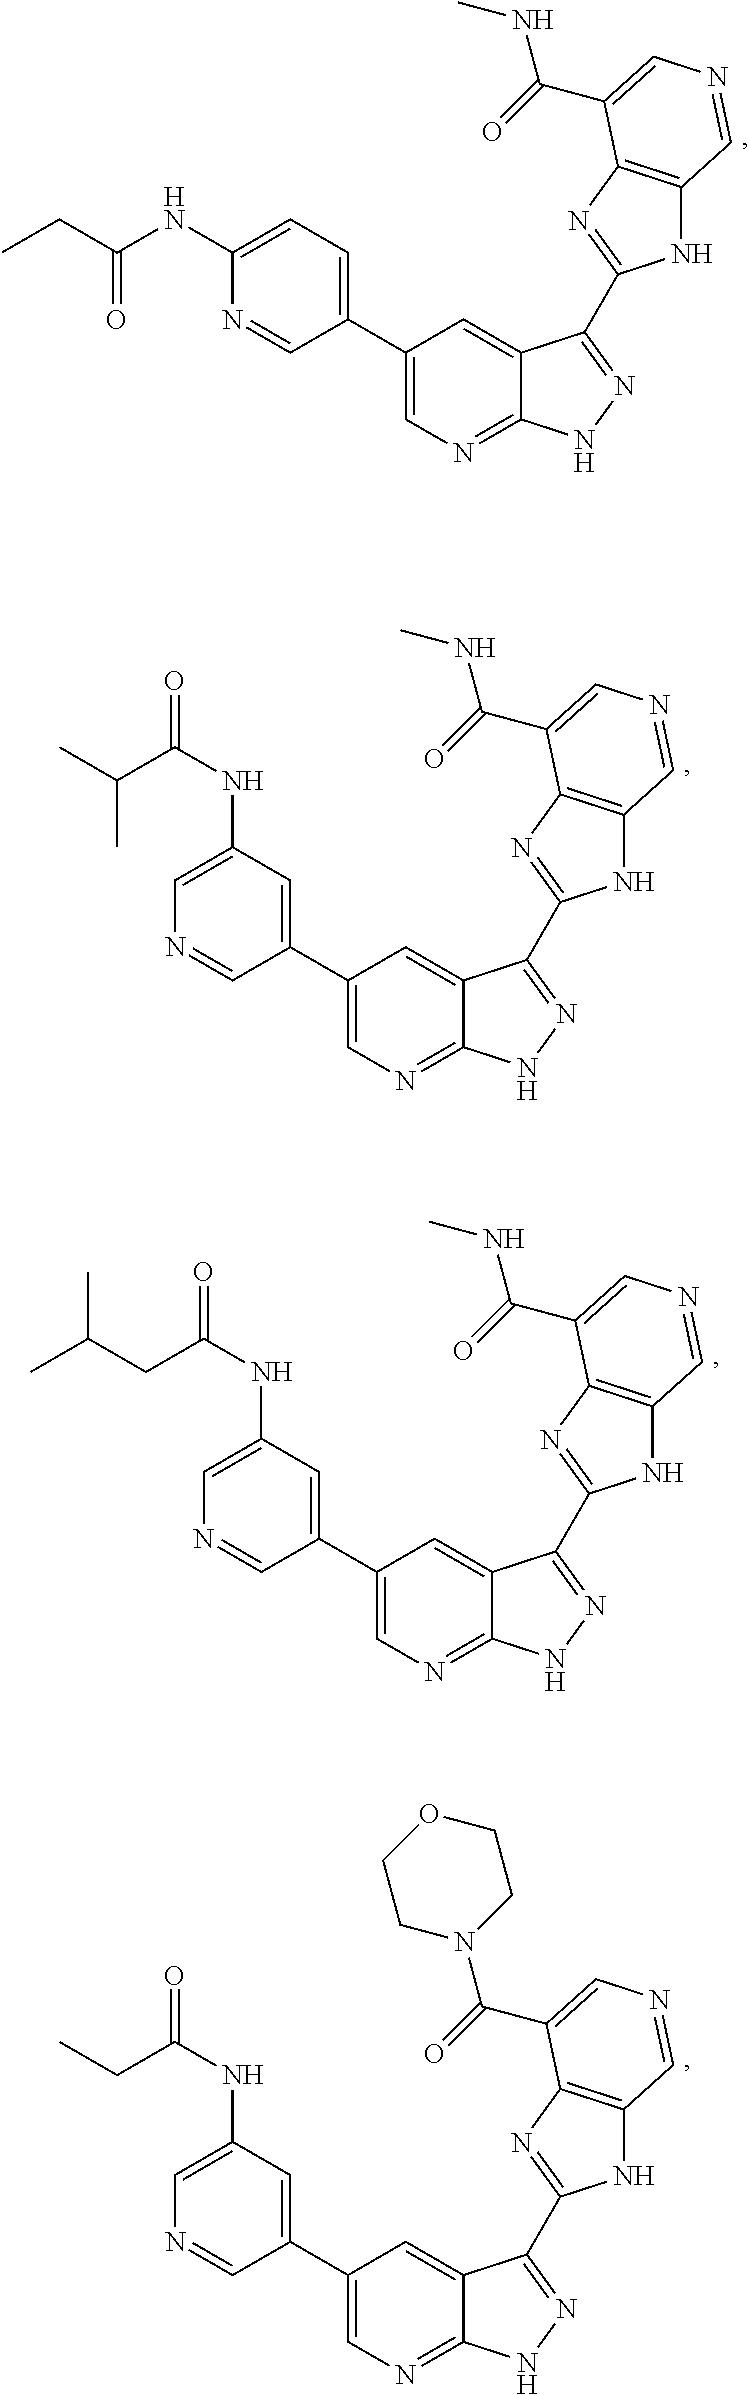 Figure US08618128-20131231-C00041